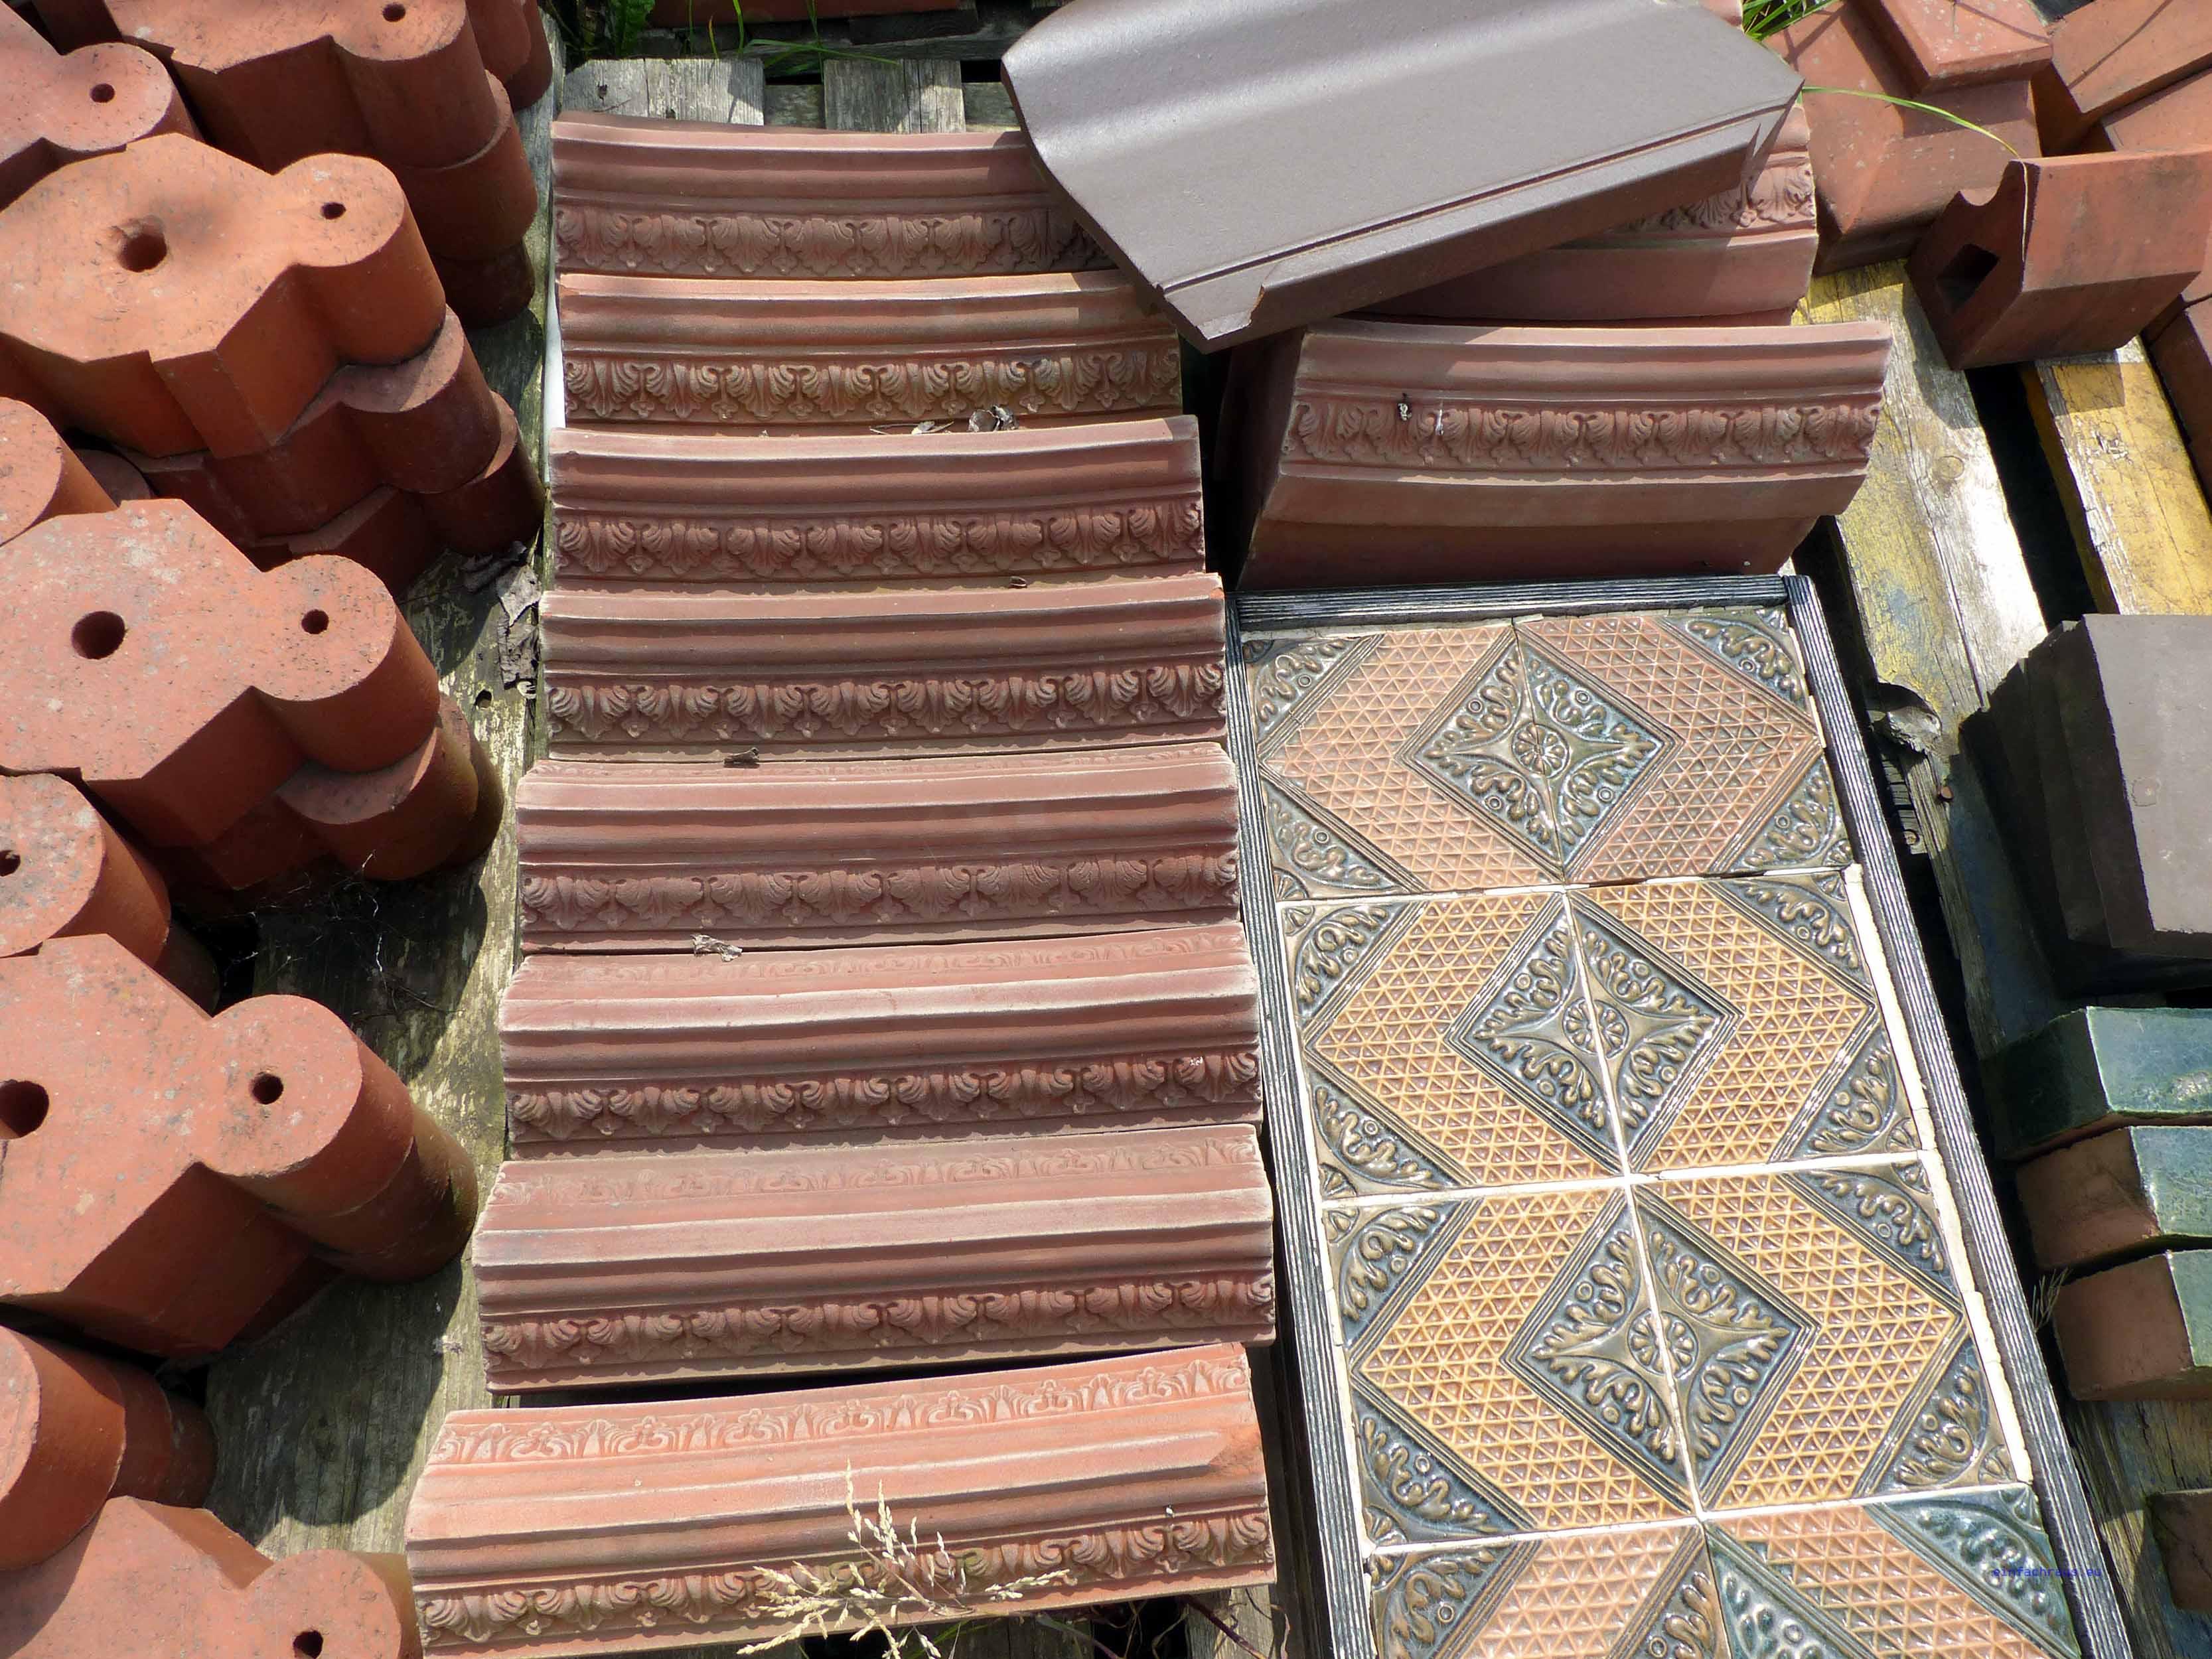 Terrakottaböden und Fliesen - Handarbeit aus Glindow